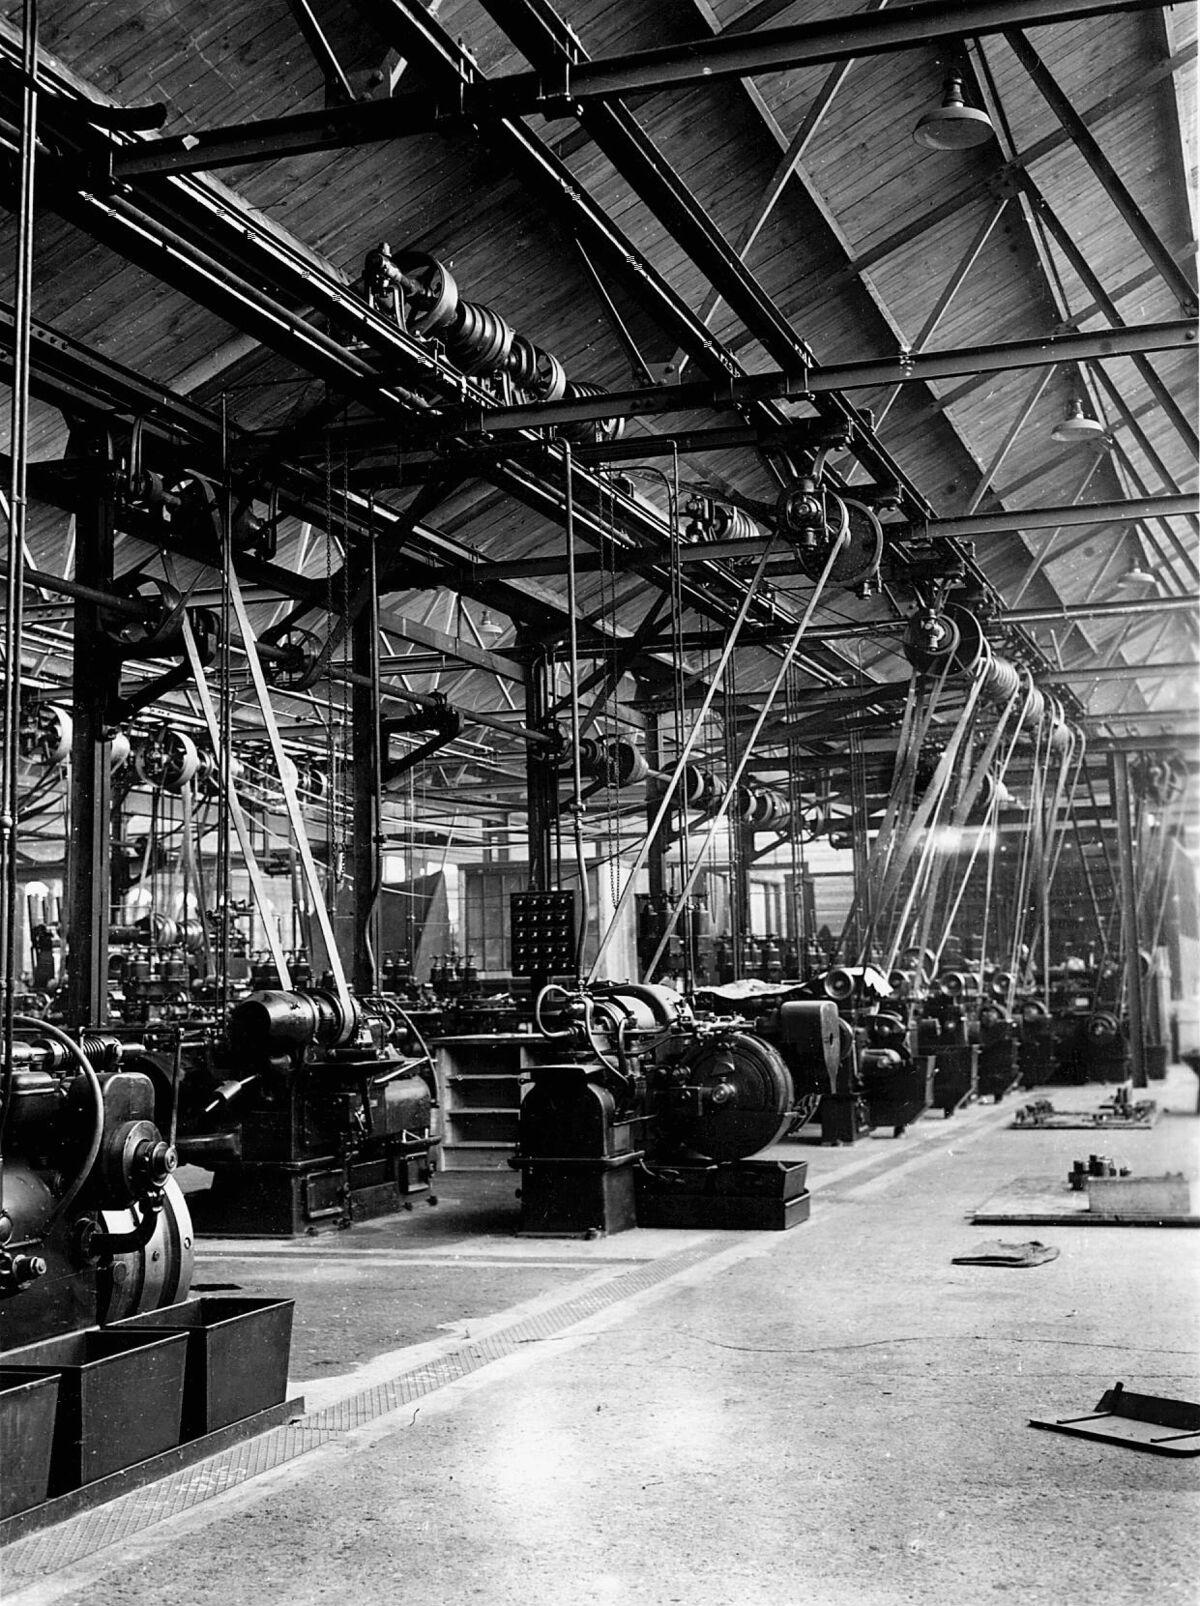 GFA 21/189.3: Aufnahmen des Werkes Bedford